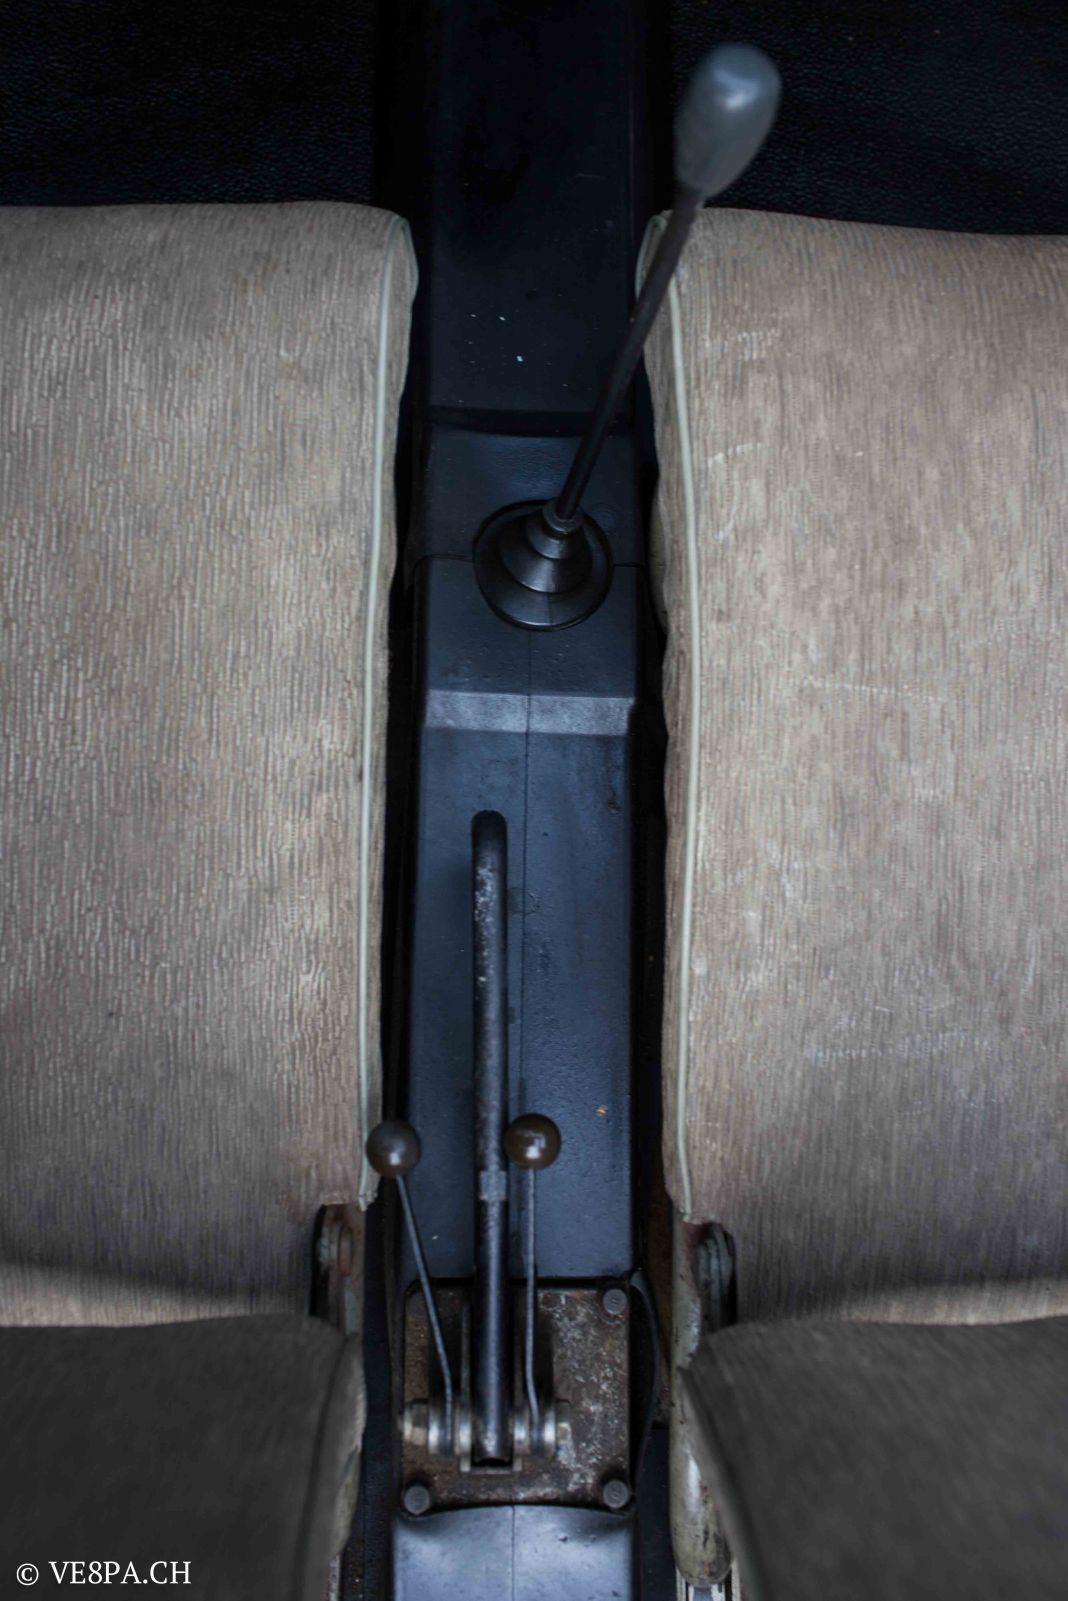 Vespa ACMA 400, 1958, O-Lack, Erstserie, www.VE8PA.CH-57